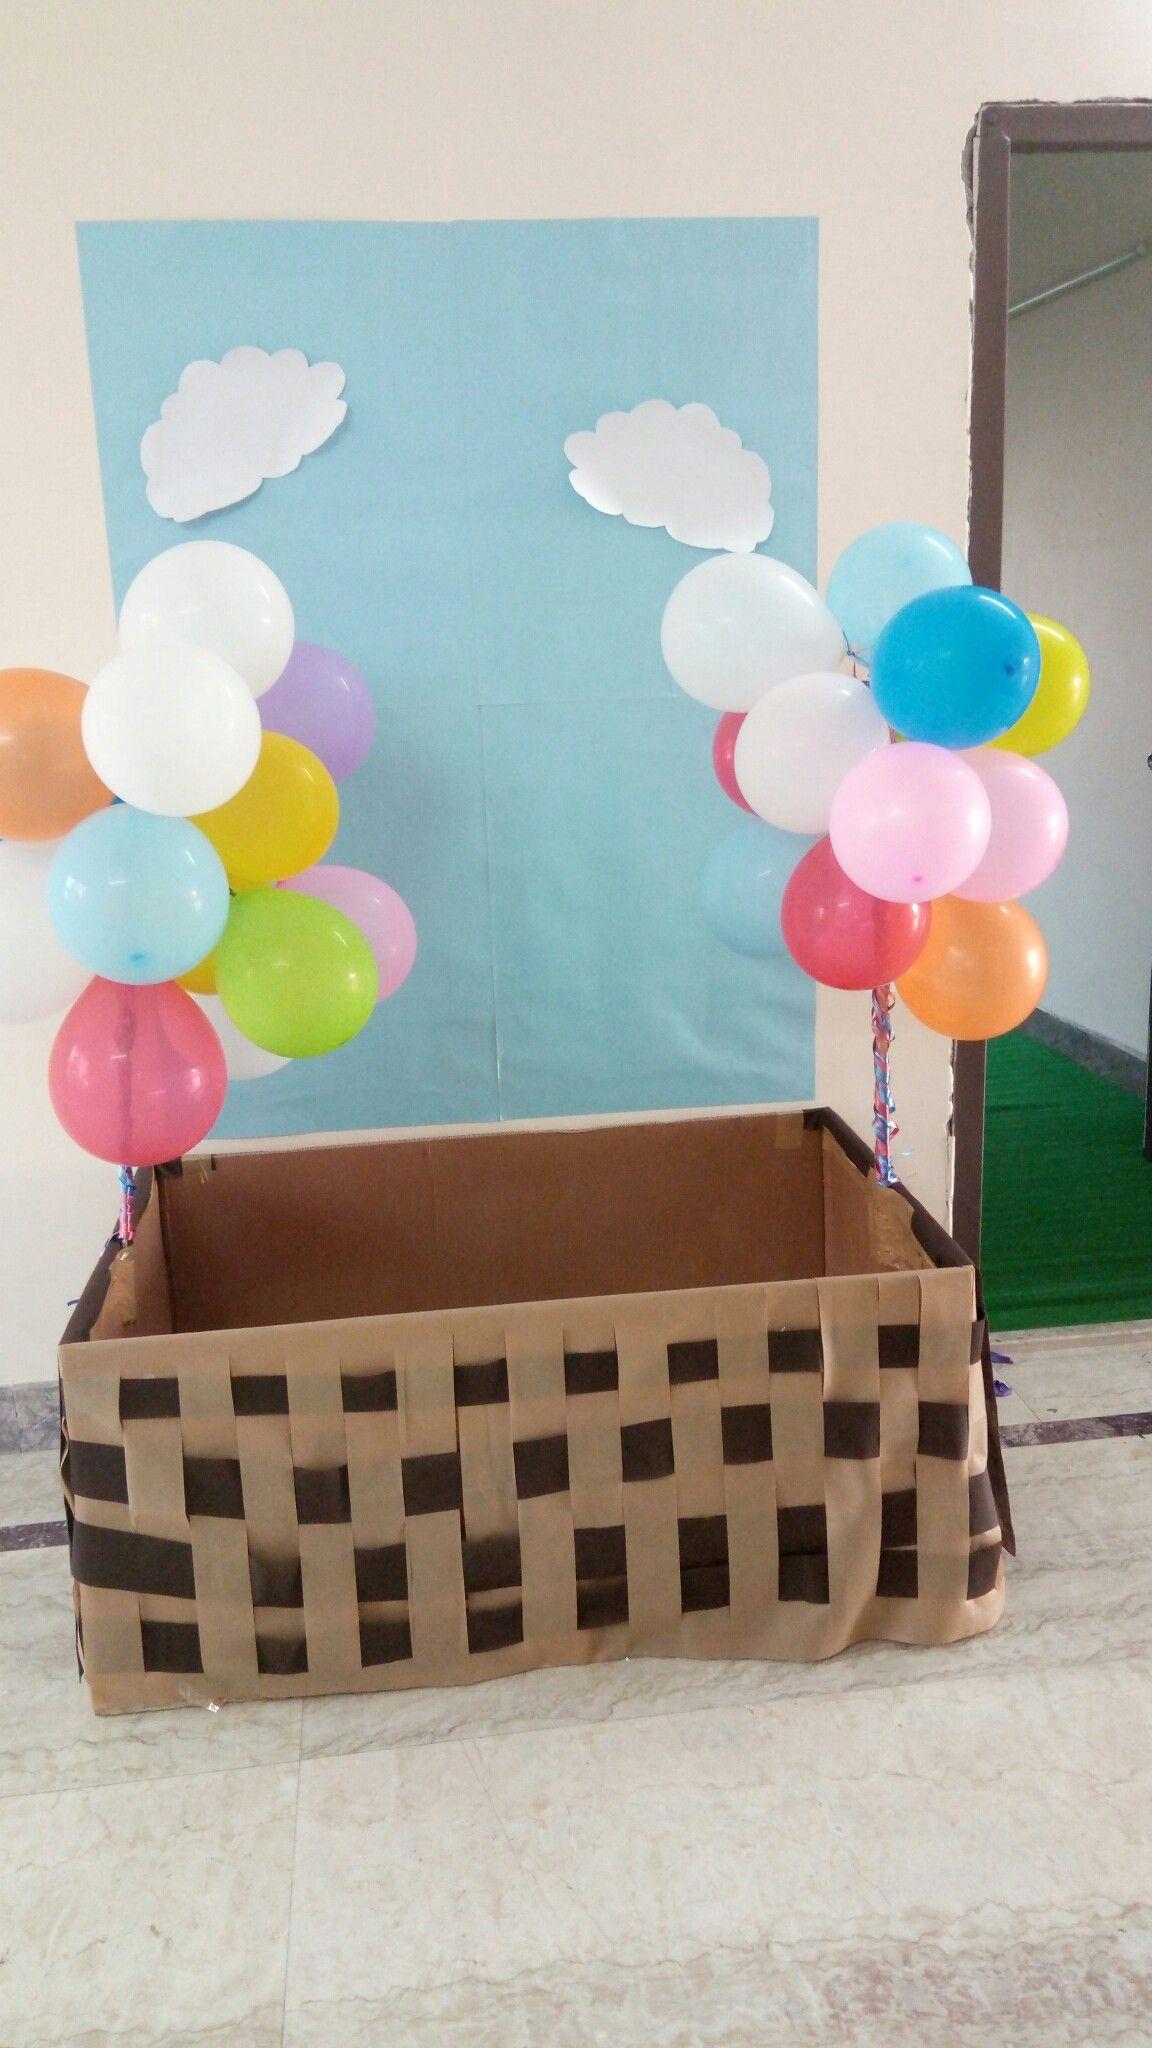 Hot Air Balloon Photo Booth Party Decor Balloons Air Balloon